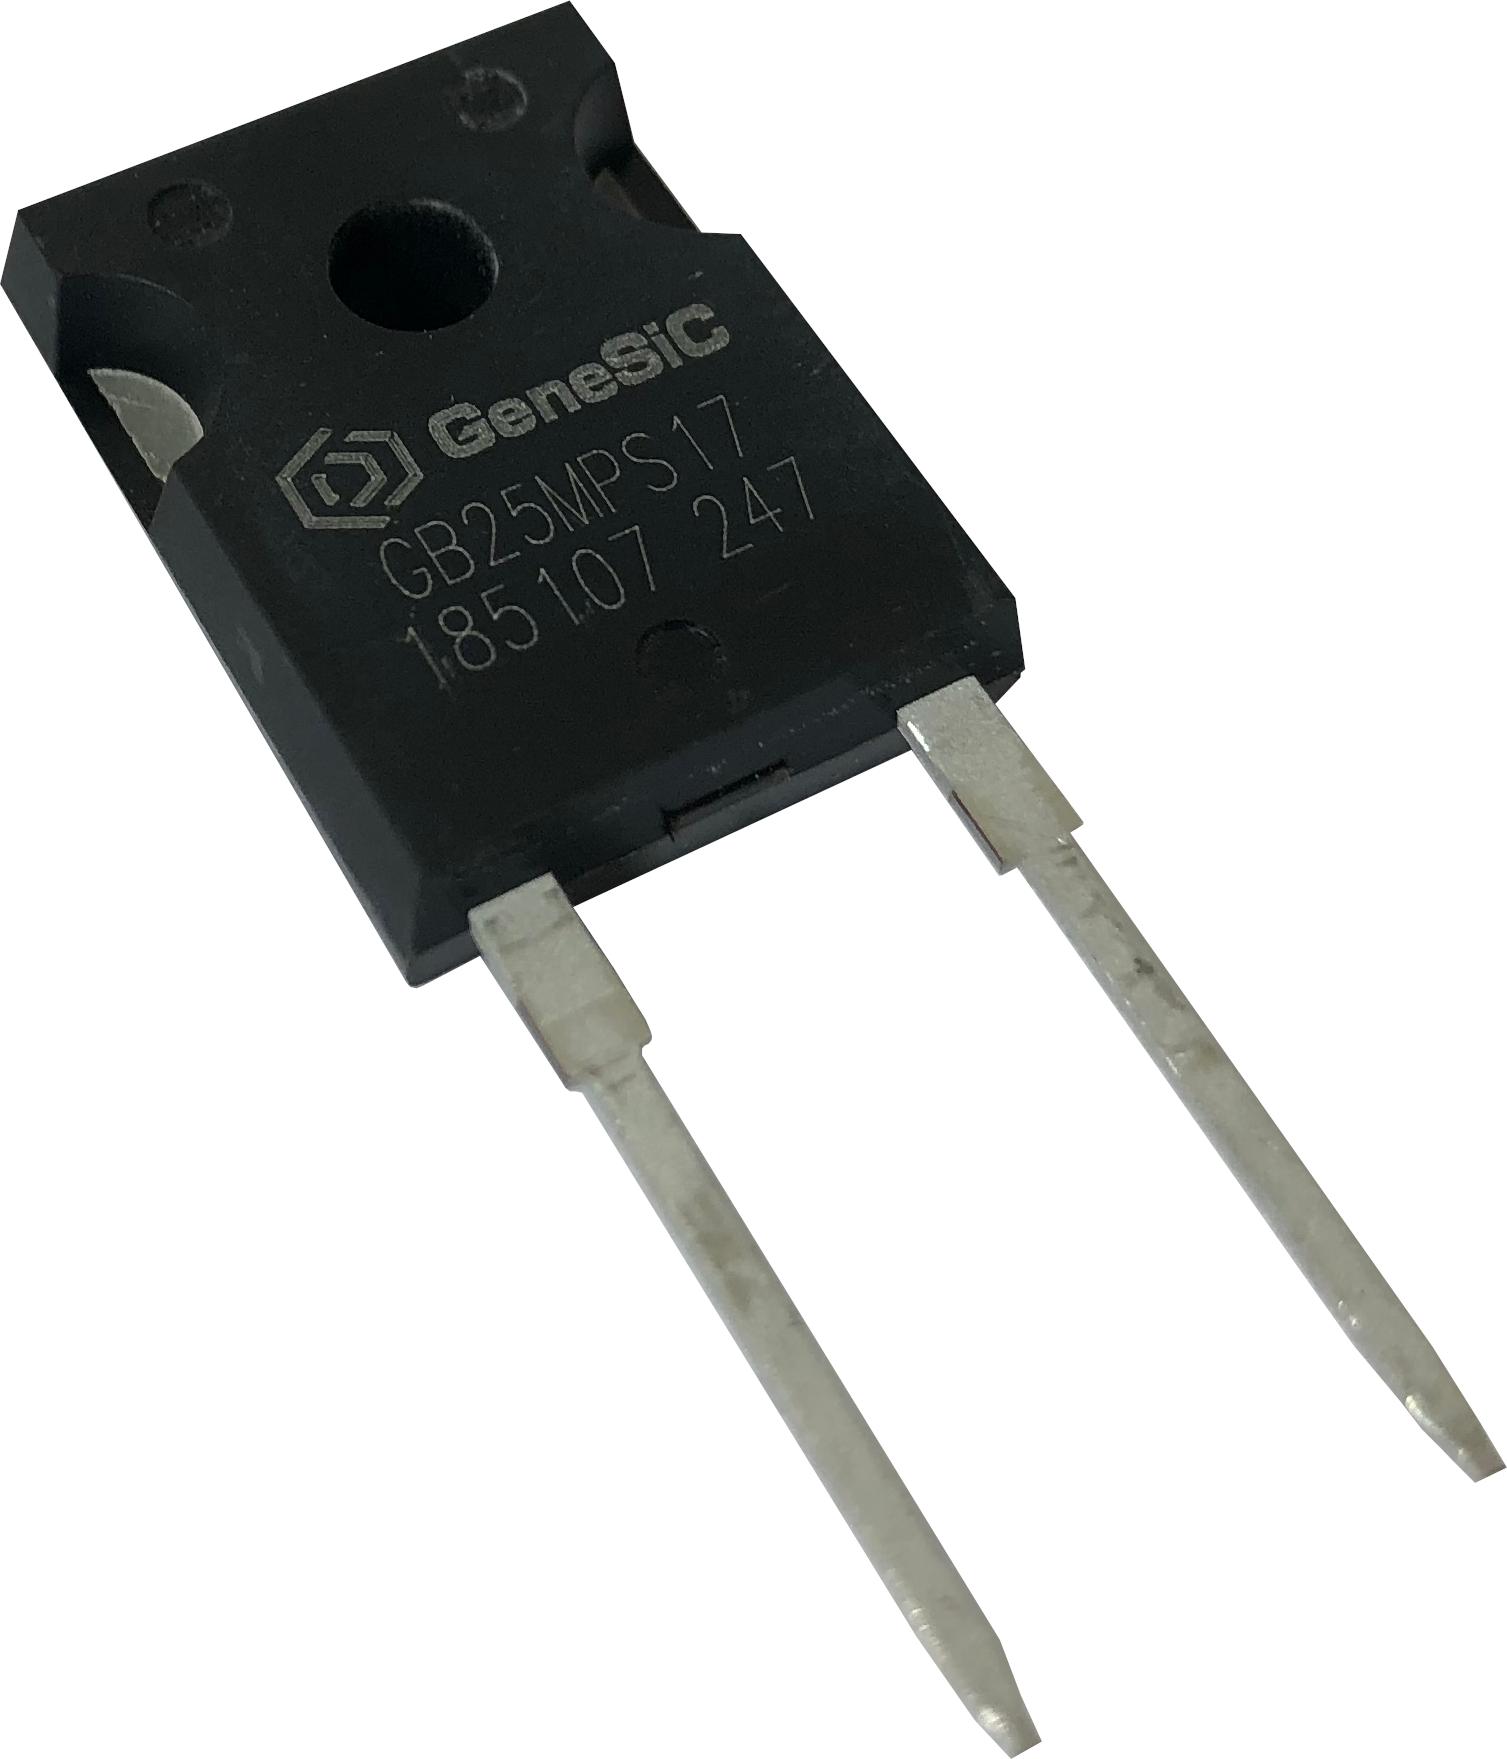 GB25MPS17-247 | GENESIC